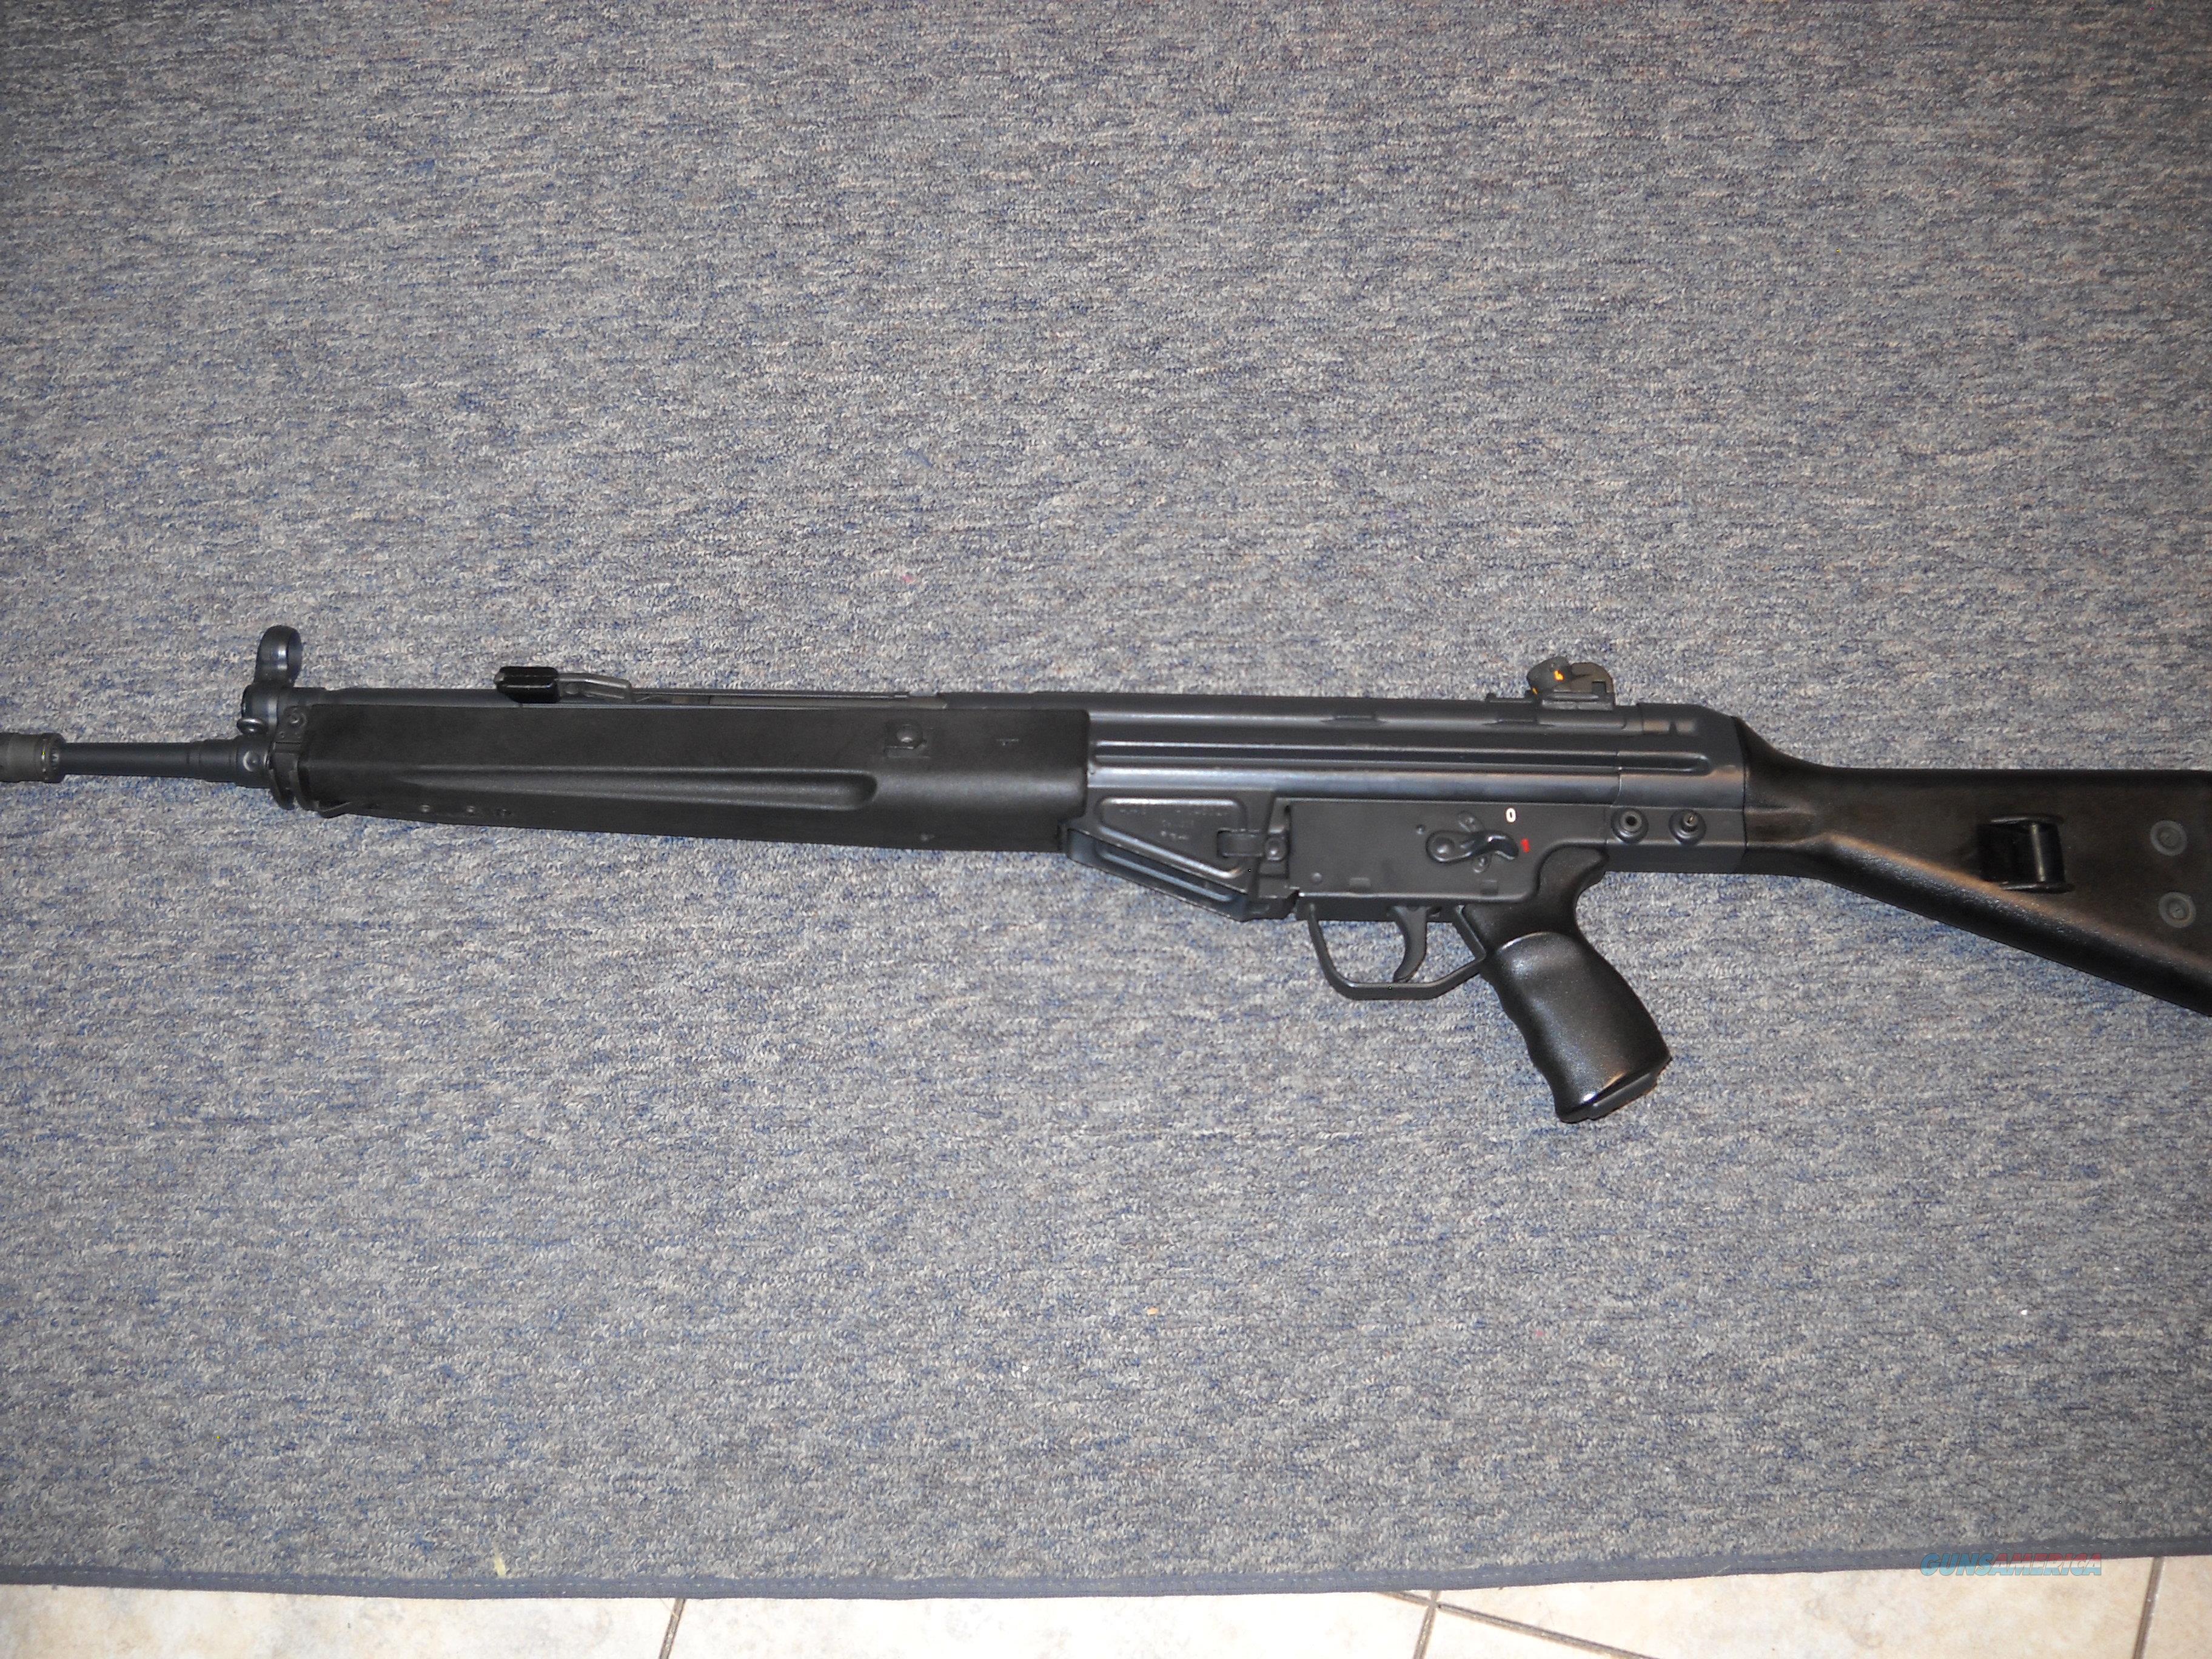 HK 91  Guns > Rifles > Heckler & Koch Rifles > Tactical